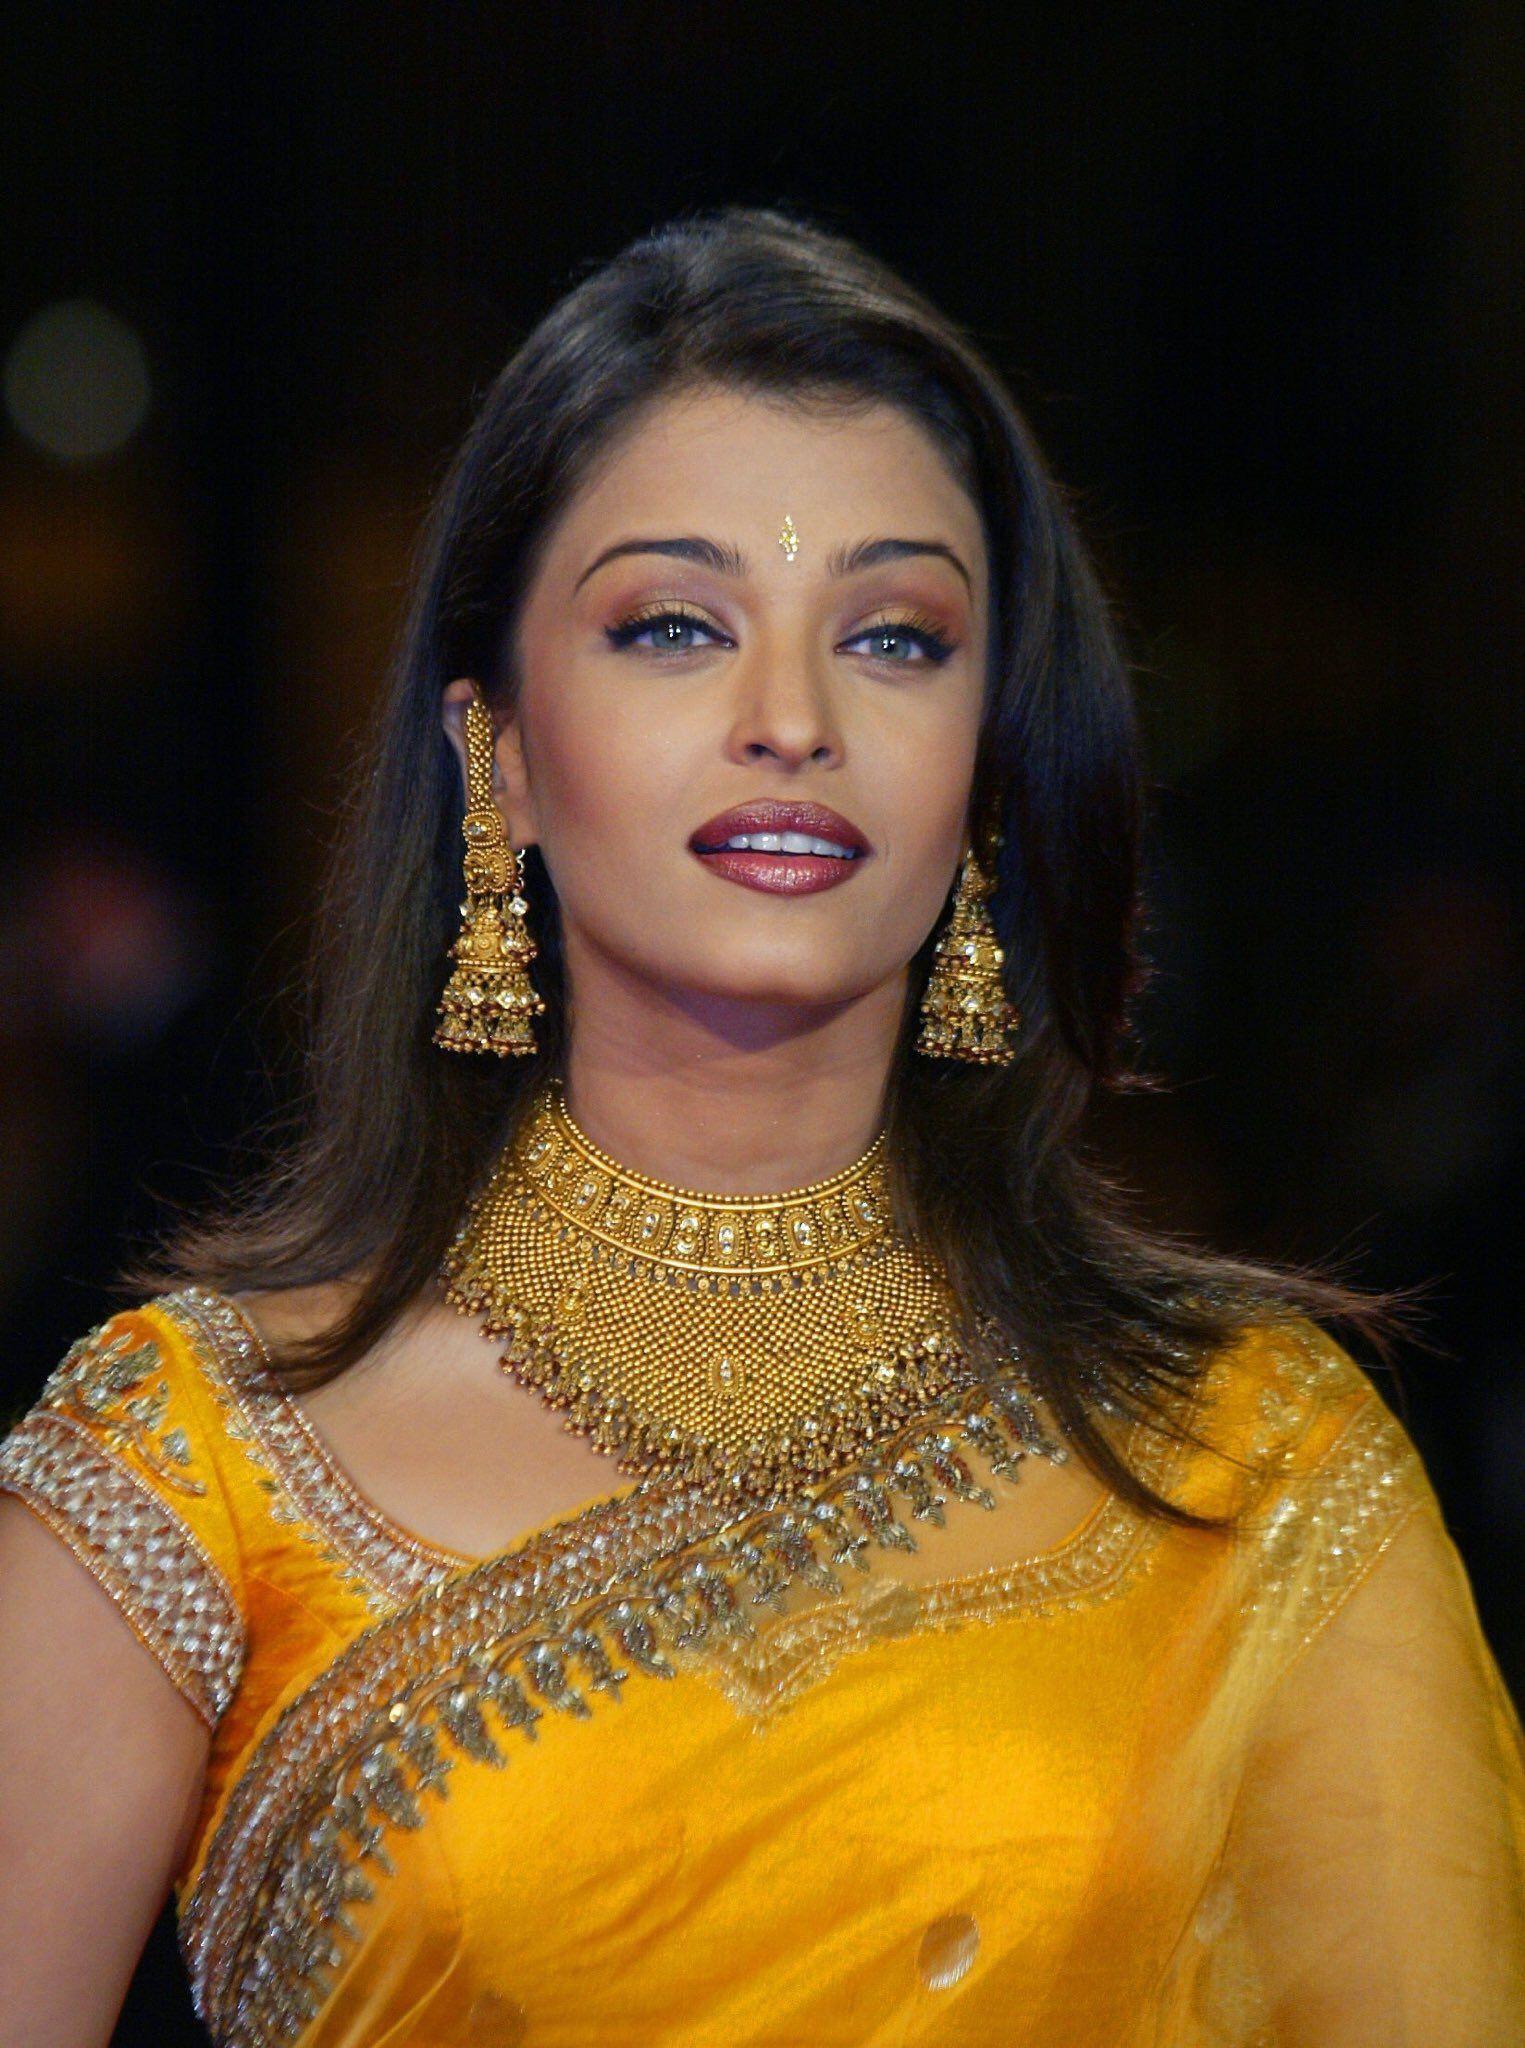 Thingsbrownpeopledo On Twitter Indische Schauspielerinnen Aishwarya Rai Cannes Filmfestival Cannes